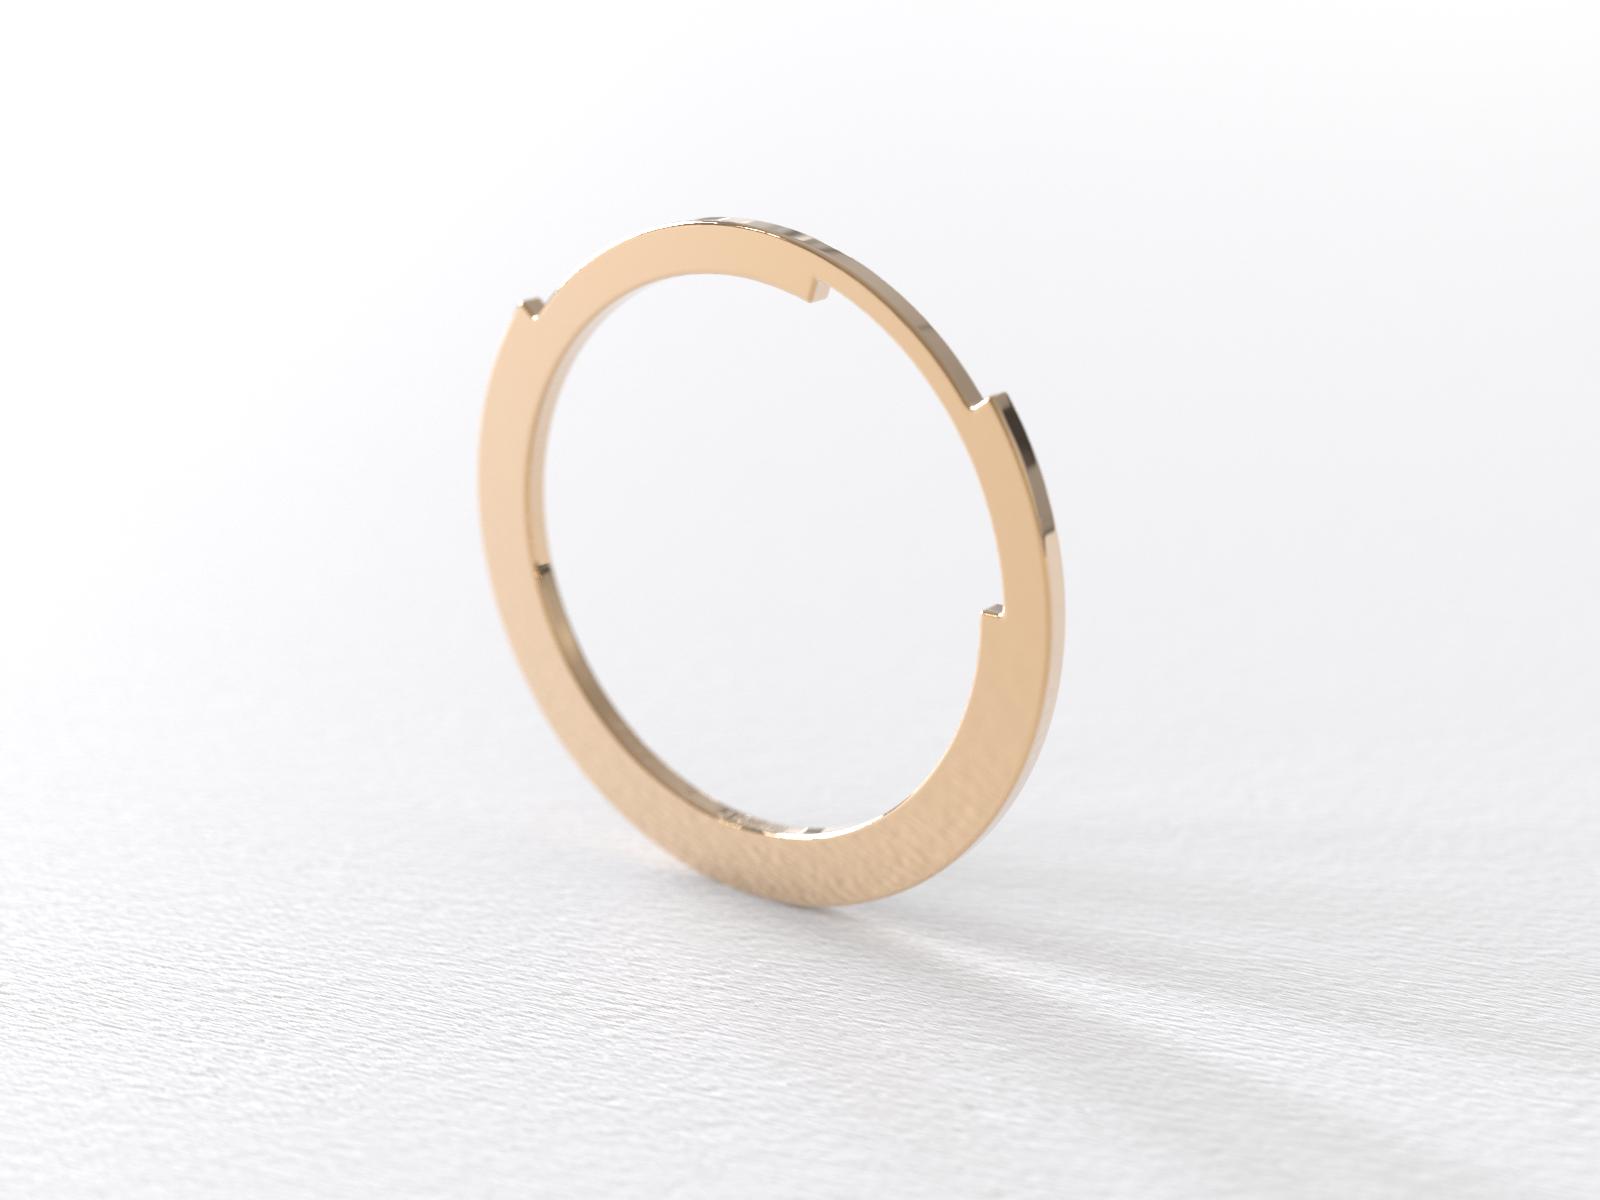 RebeccaLi-Custom-Enso-Ring-Band-RoseGold-1